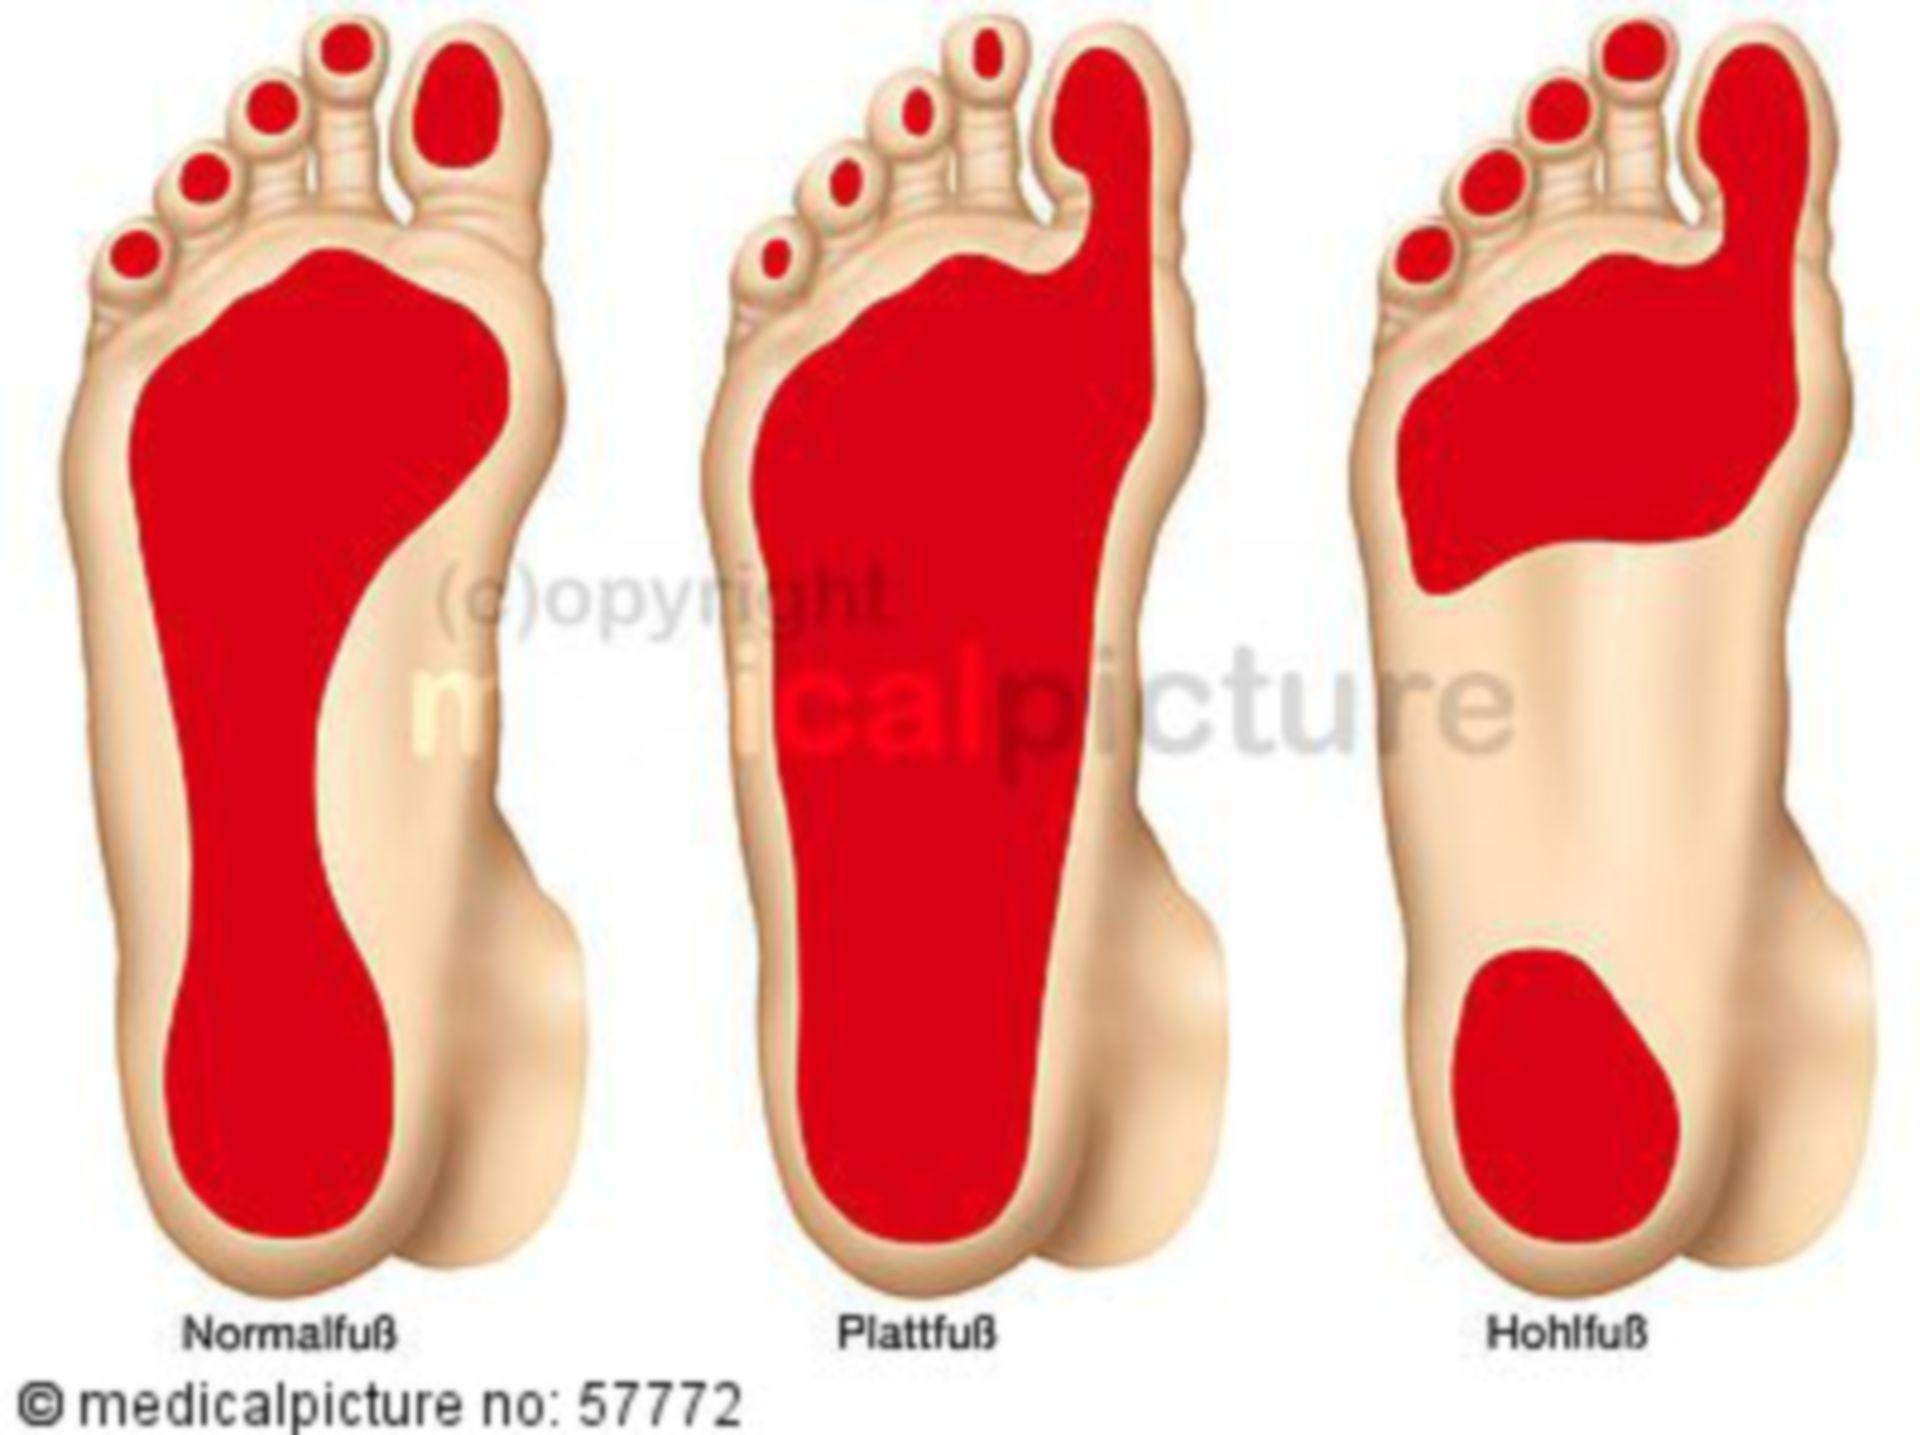 Deformities of the Foot